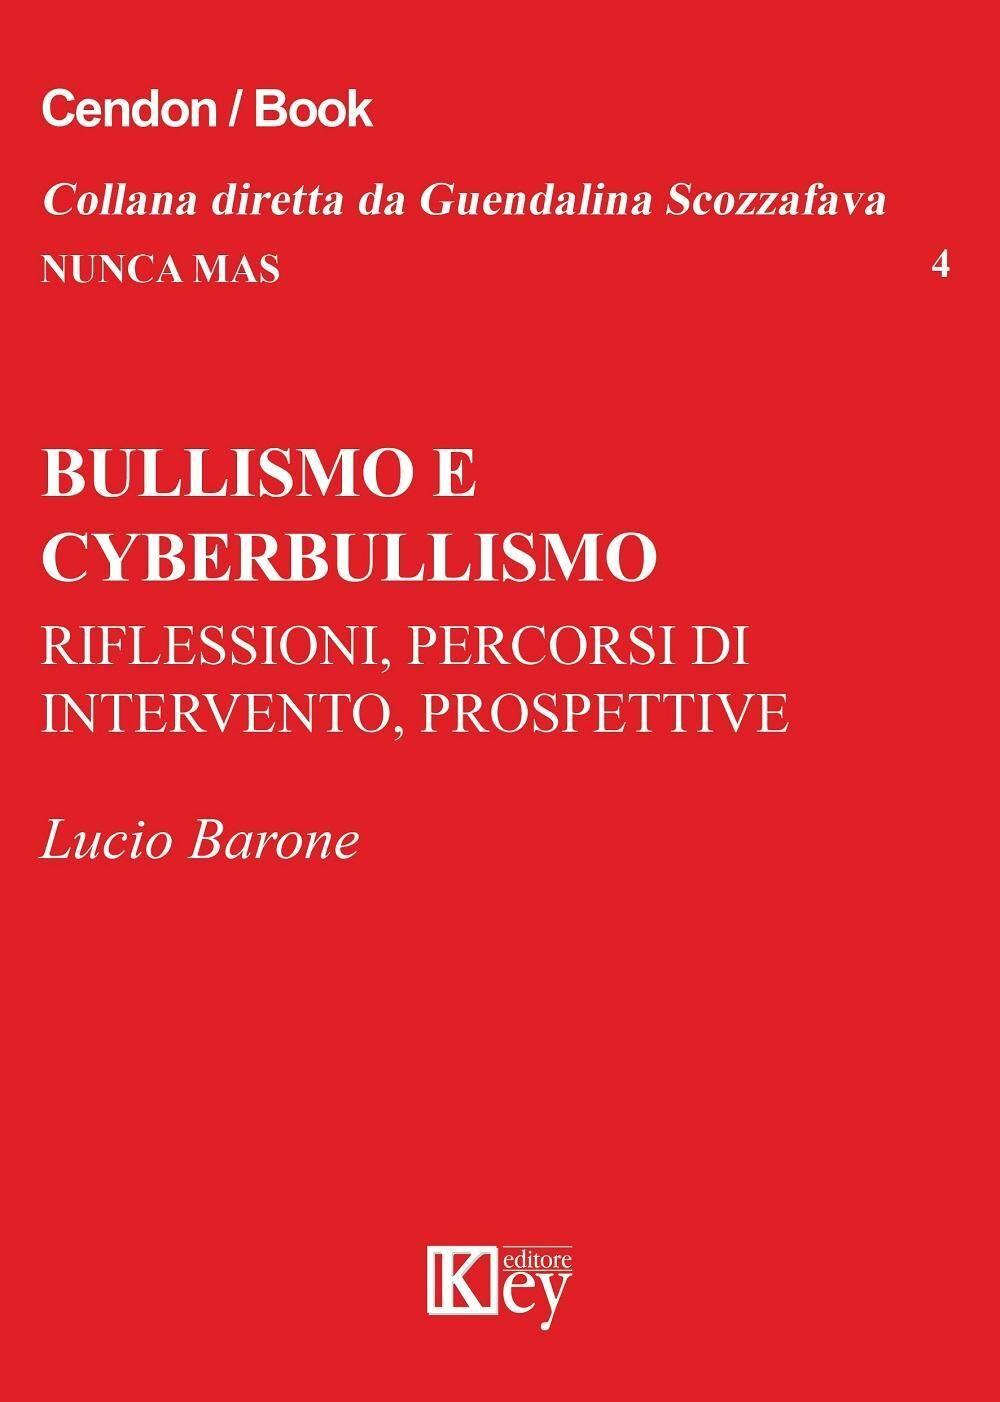 Bullismo e cyberbullismo. Riflessioni, percorsi di intervento, prospettive